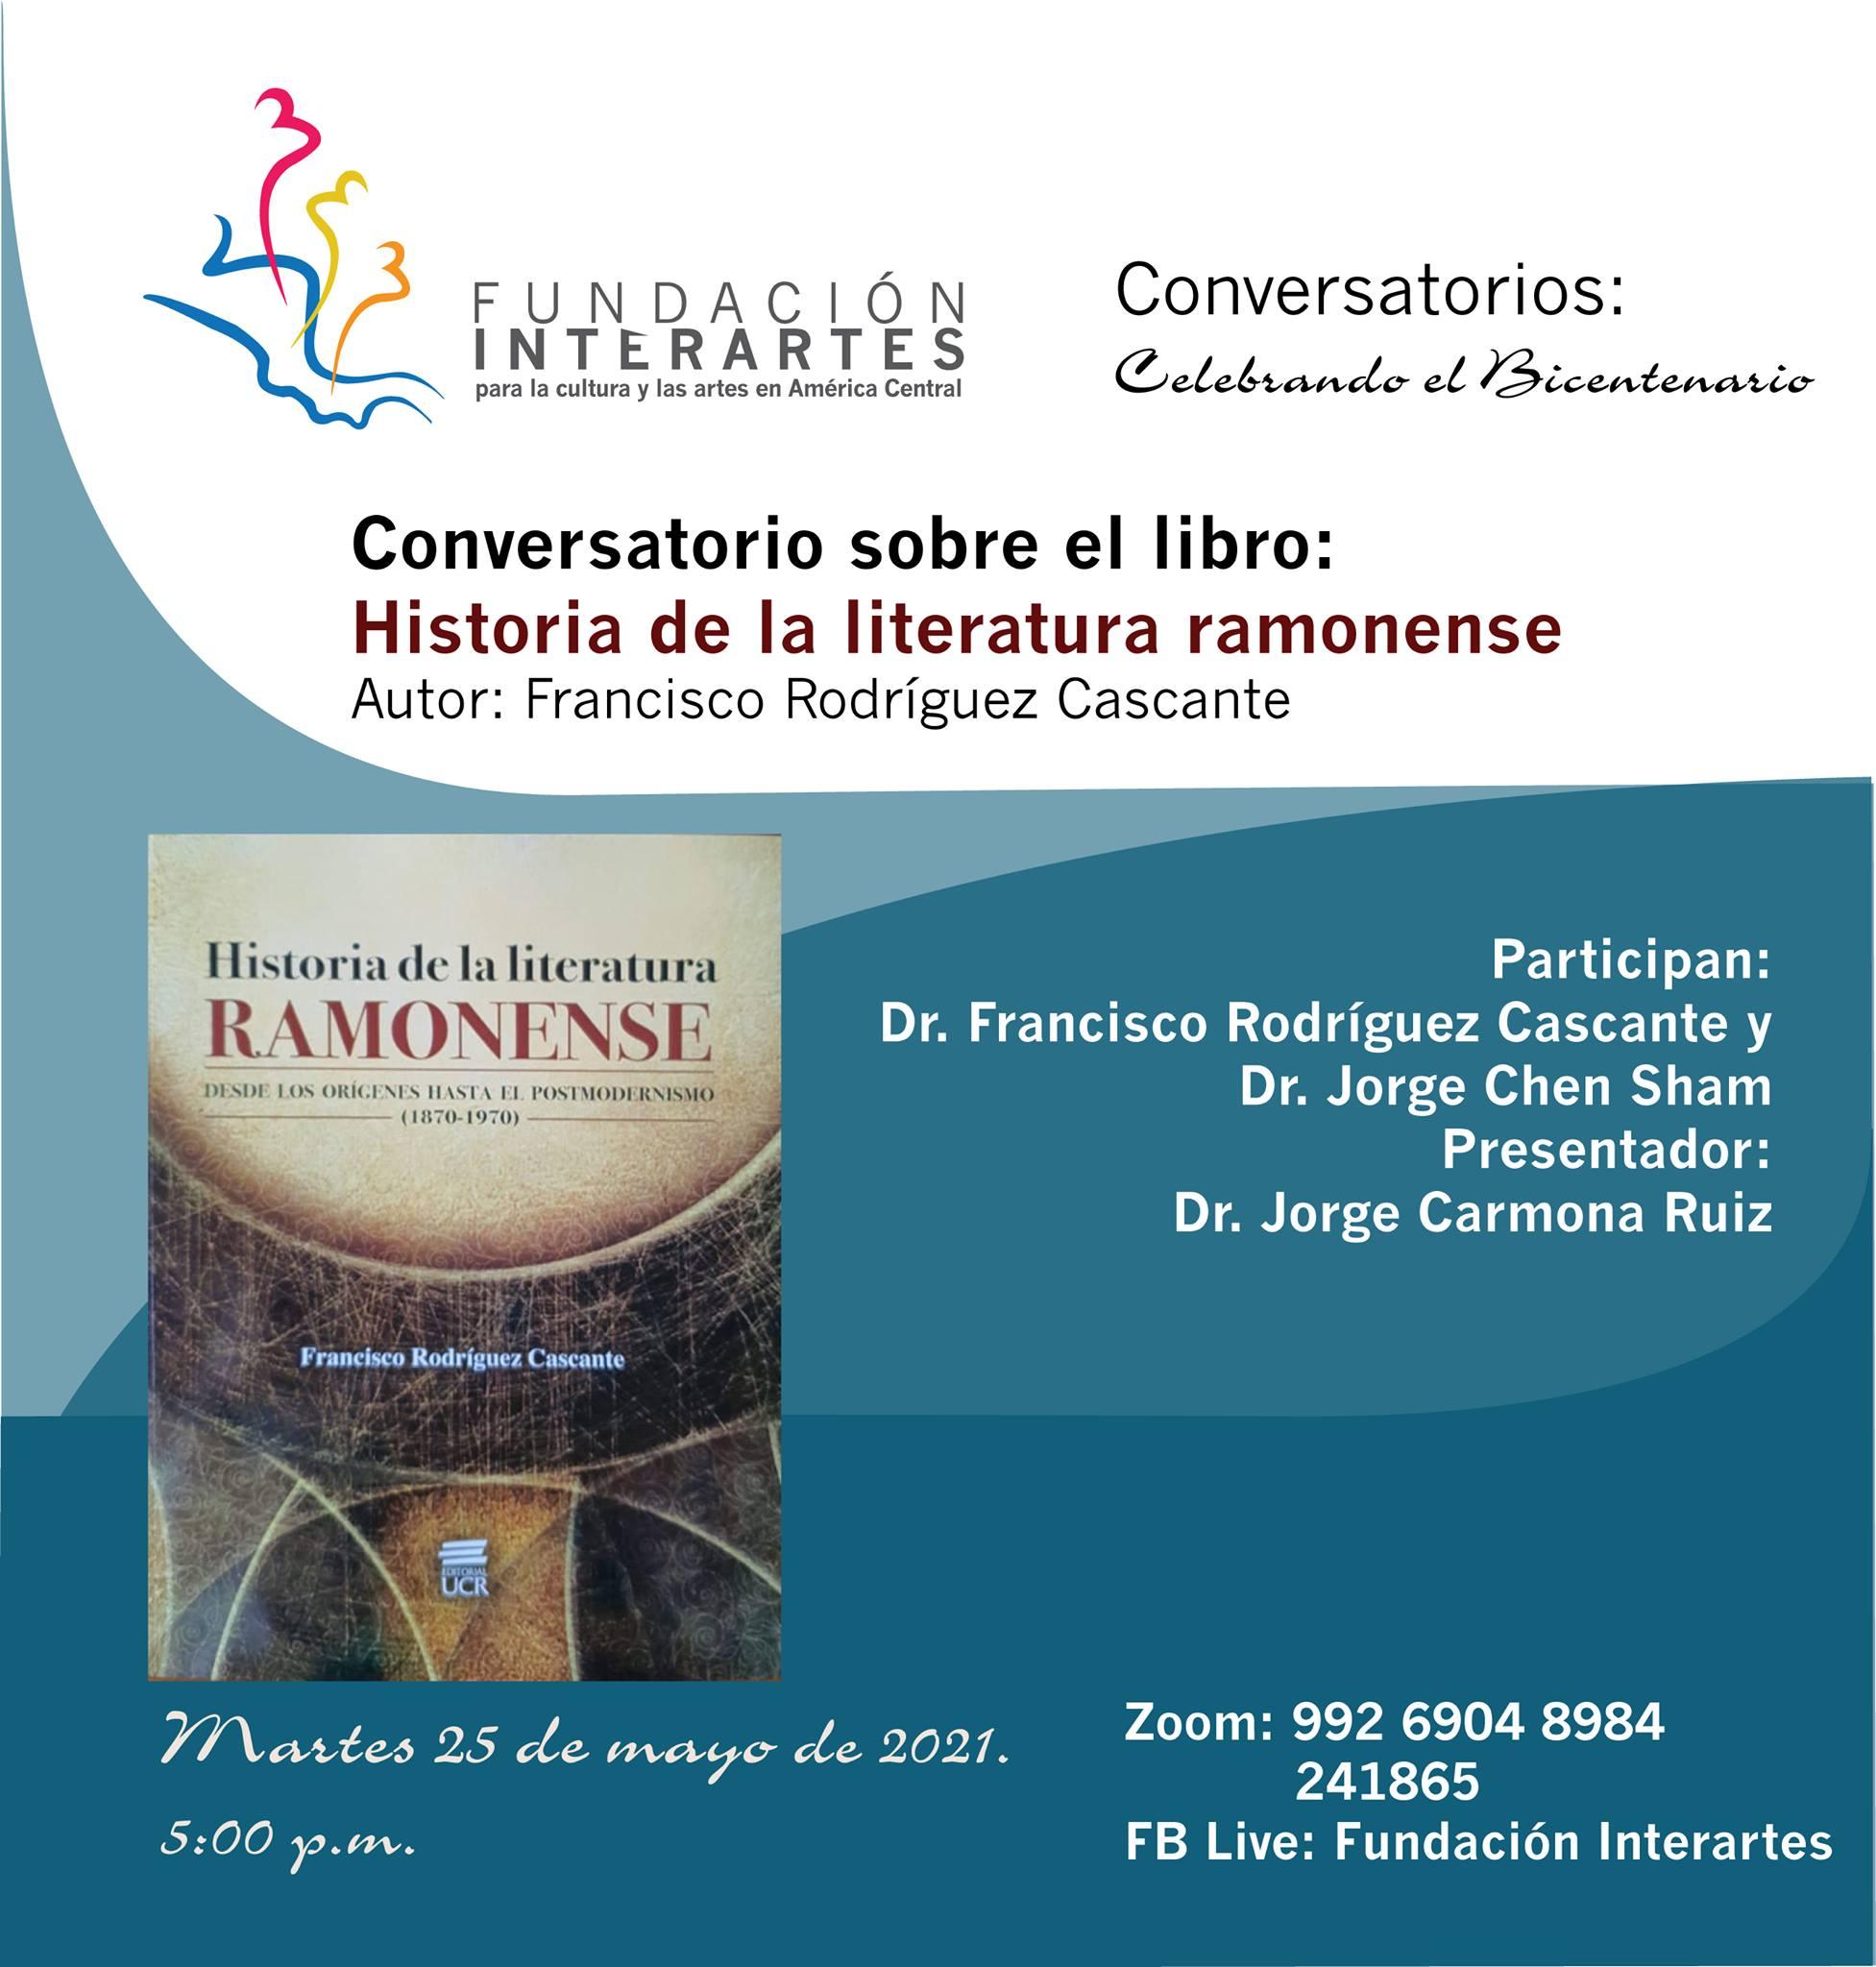 Conversatorio sobre el libro: Conversatorio: Historia de la literatura ramonense